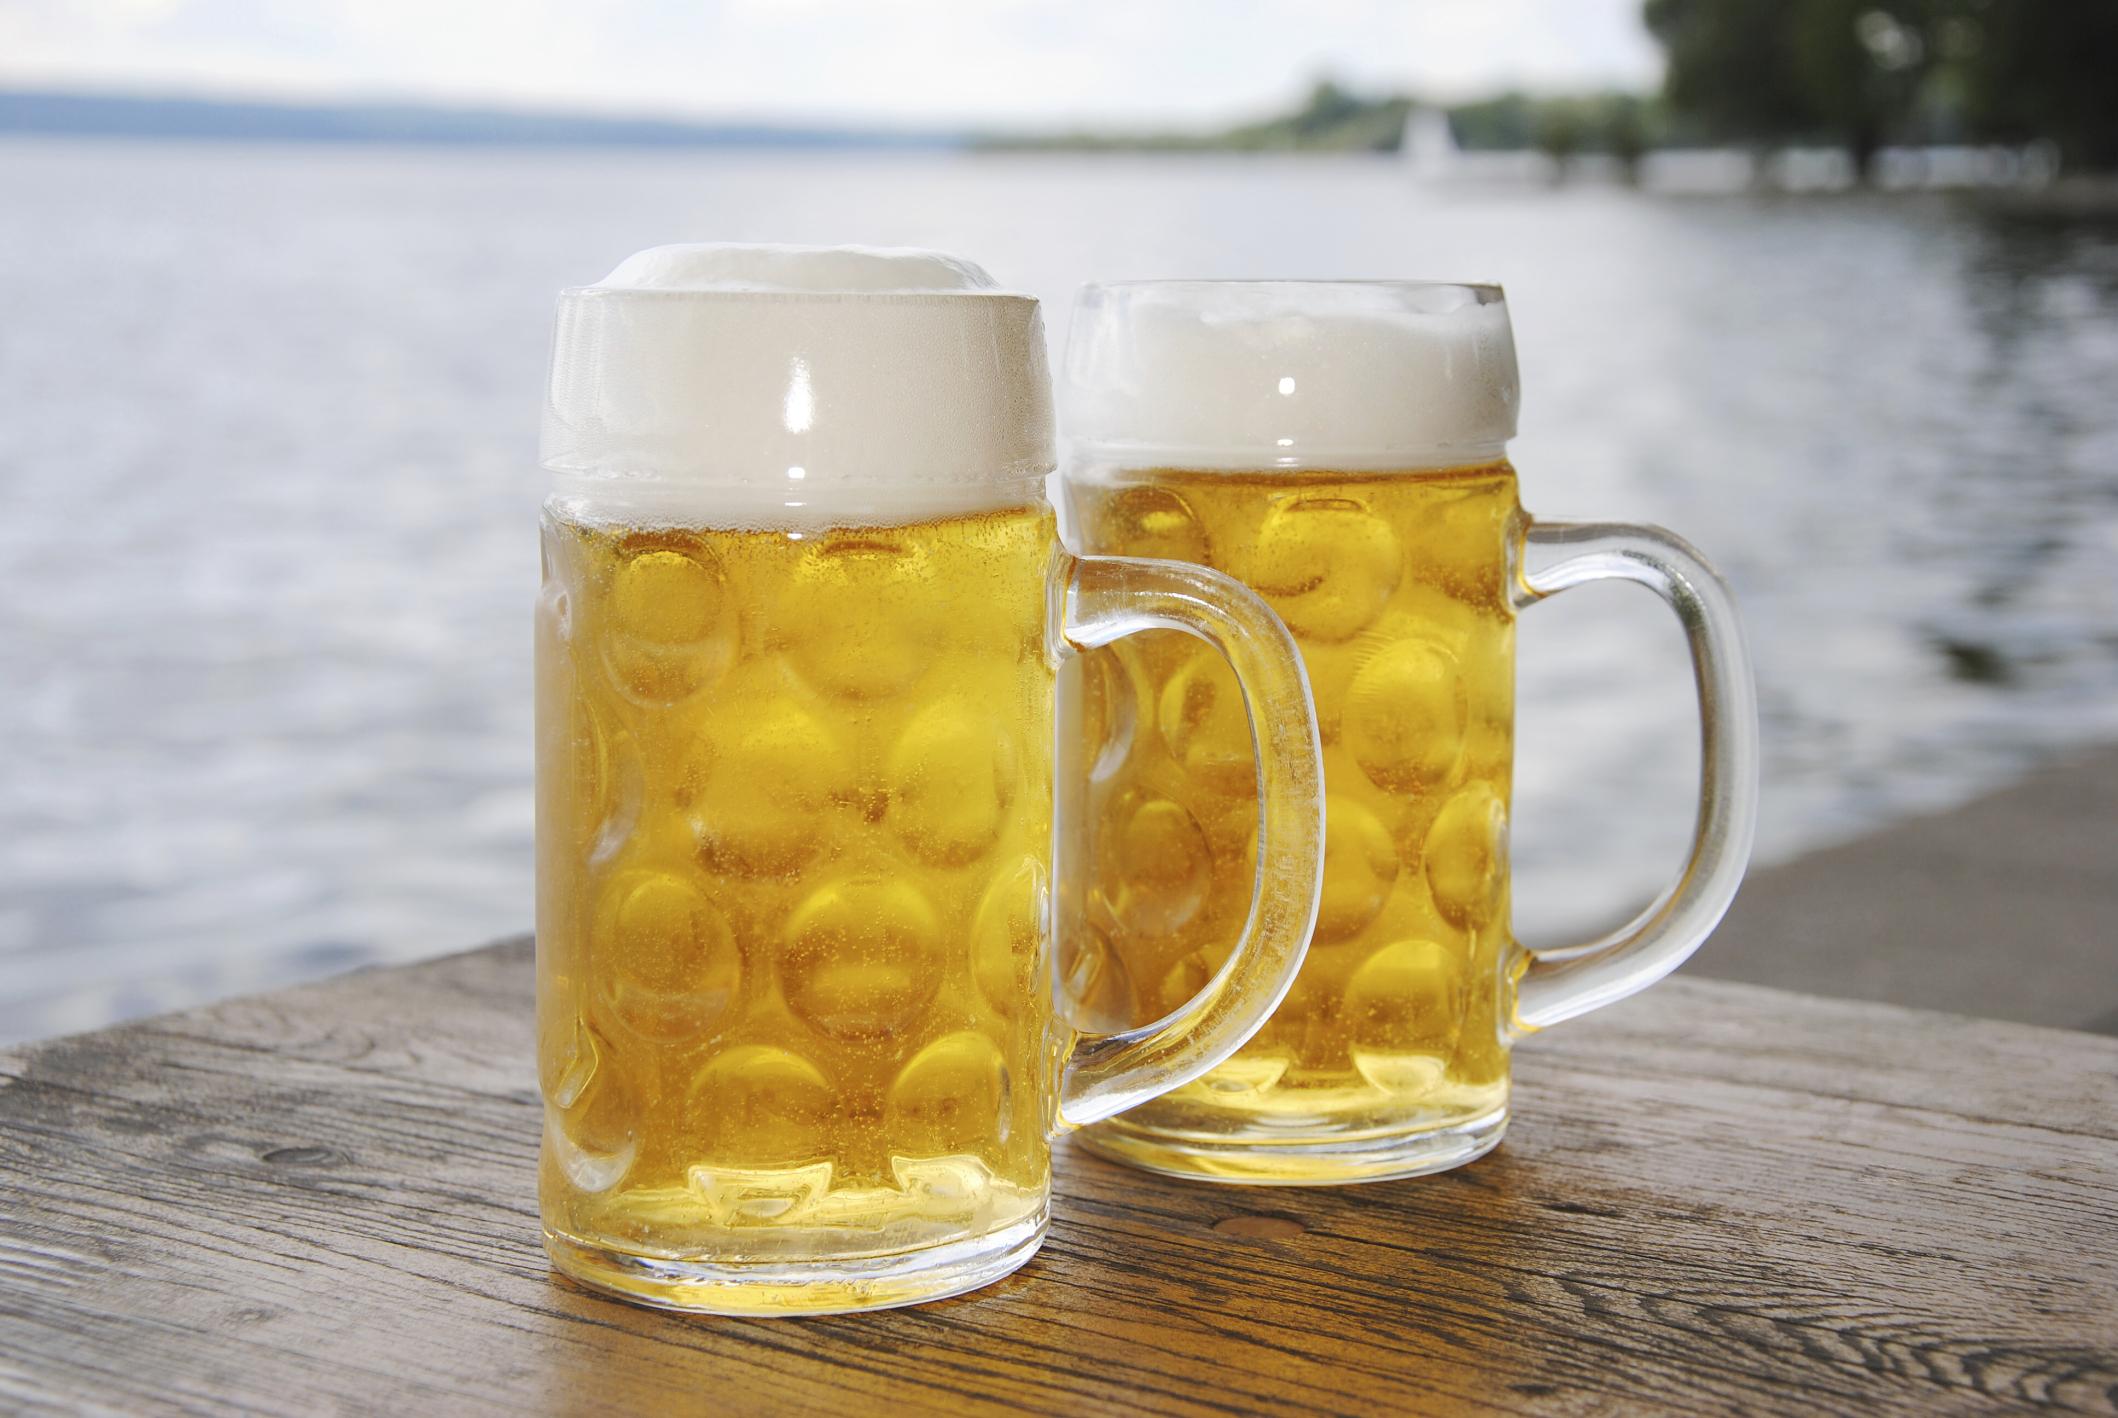 ea6645813 Saiba como escolher a cerveja certa para o casamento - Fotos - R7 Receitas